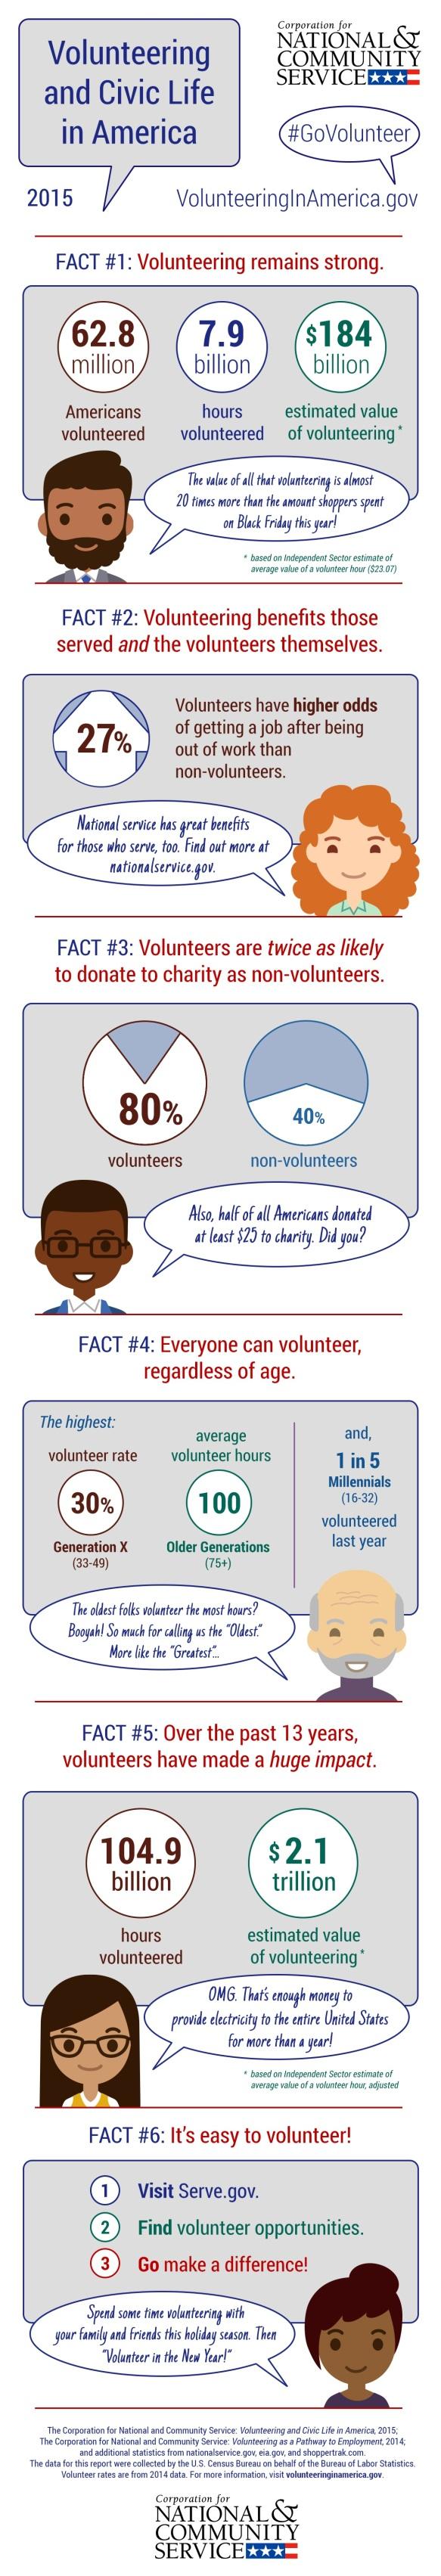 VCLA-infographic-2015.jpg